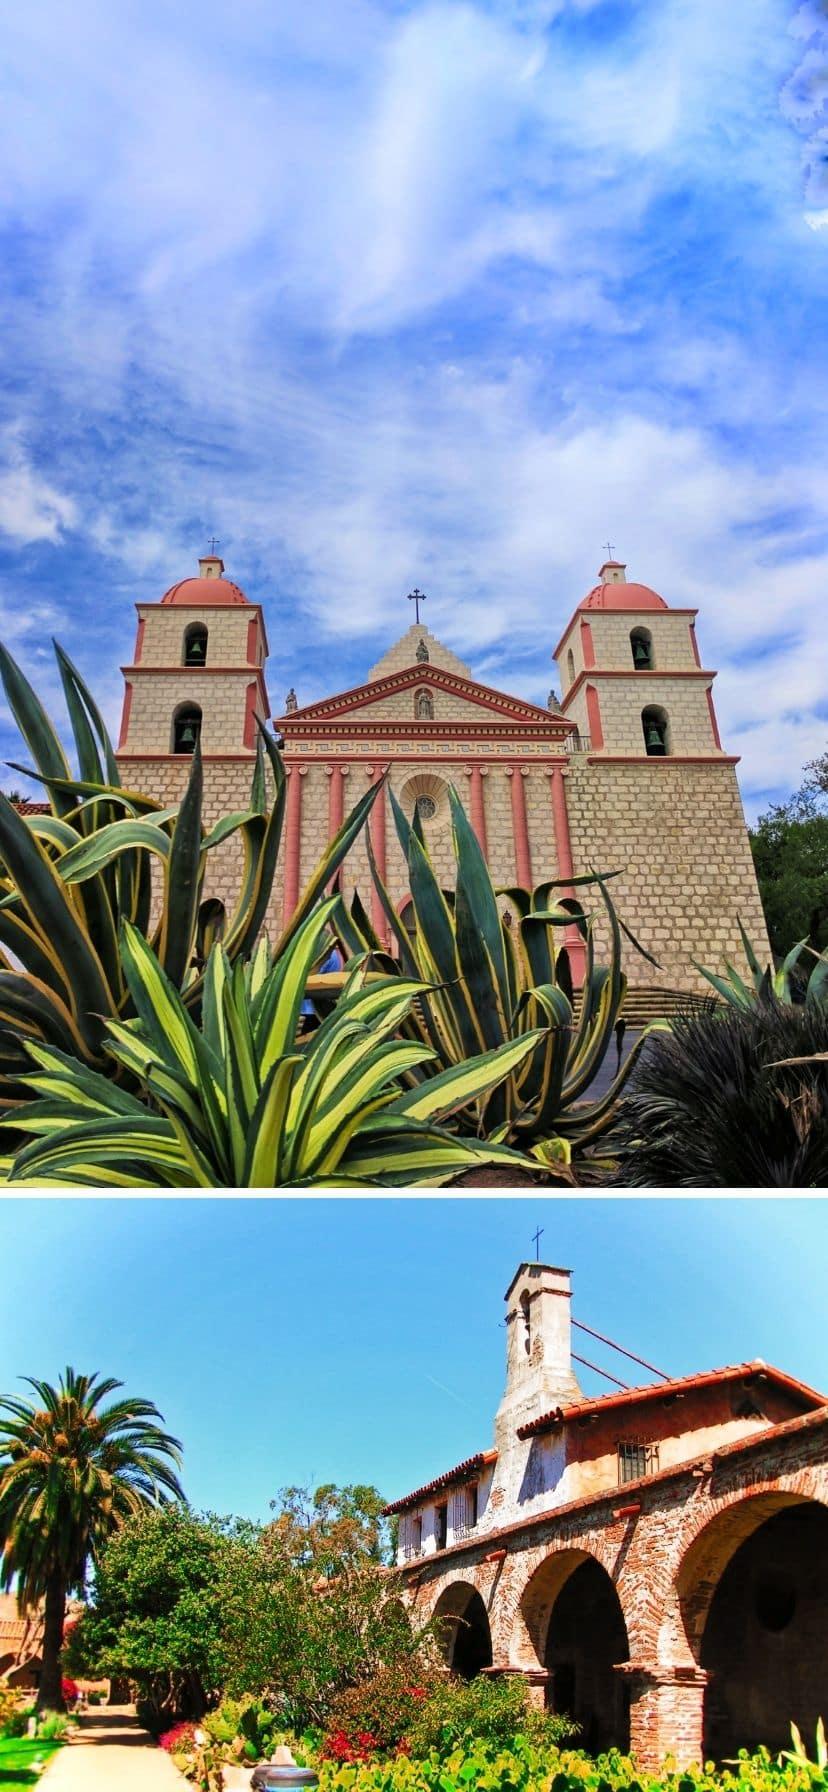 El Camino Real Missions California Coast Road Trip